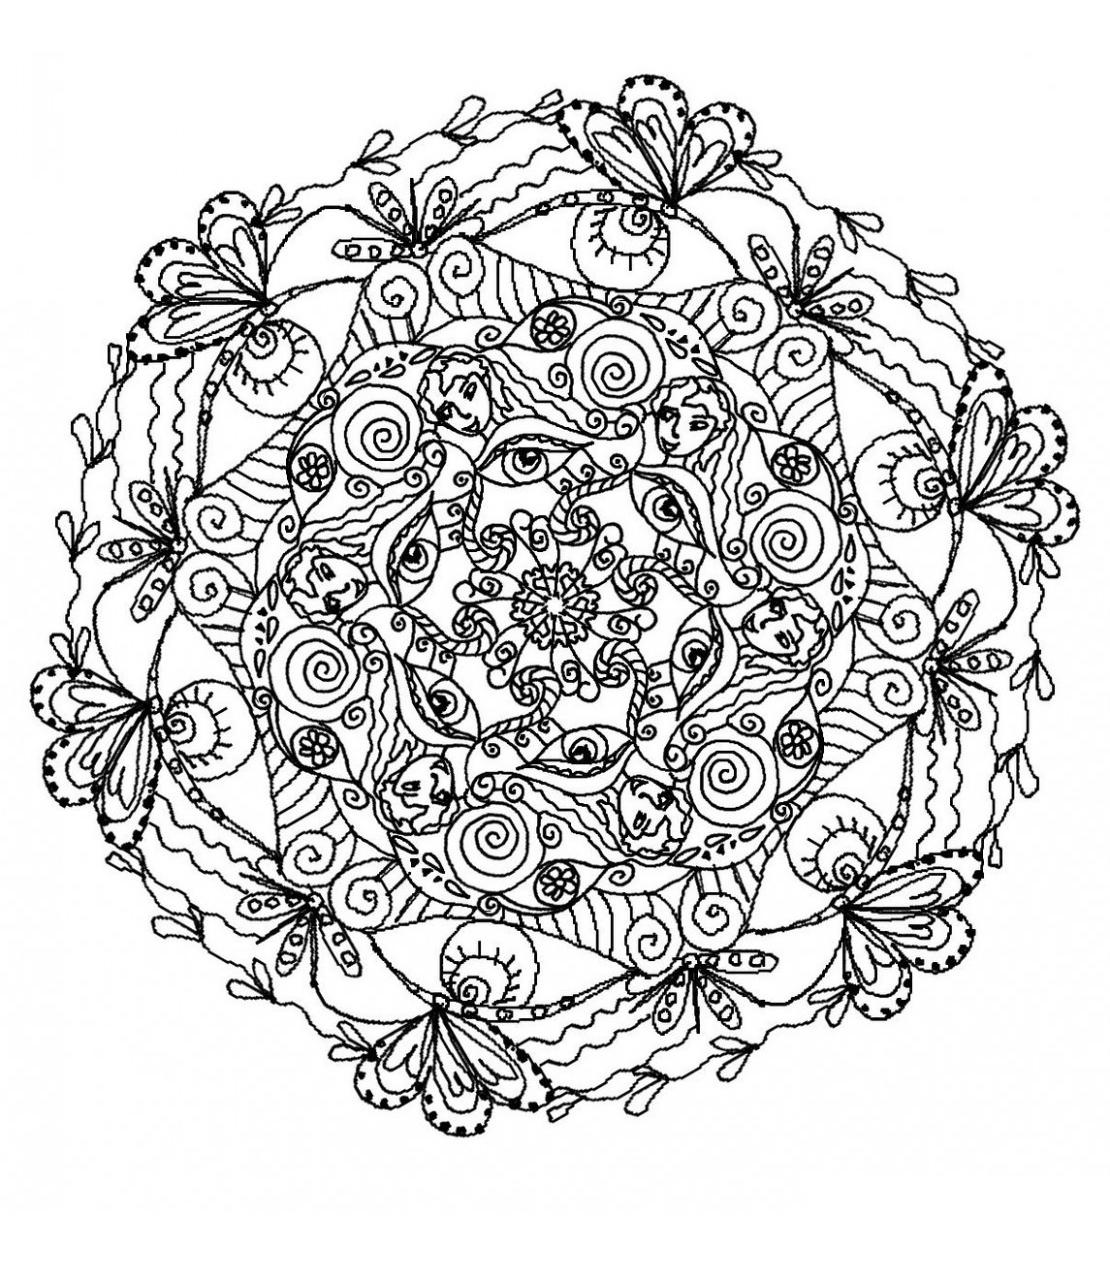 Mandala A Colorier Difficile 24 Mandalas Difficiles Pour Adultes